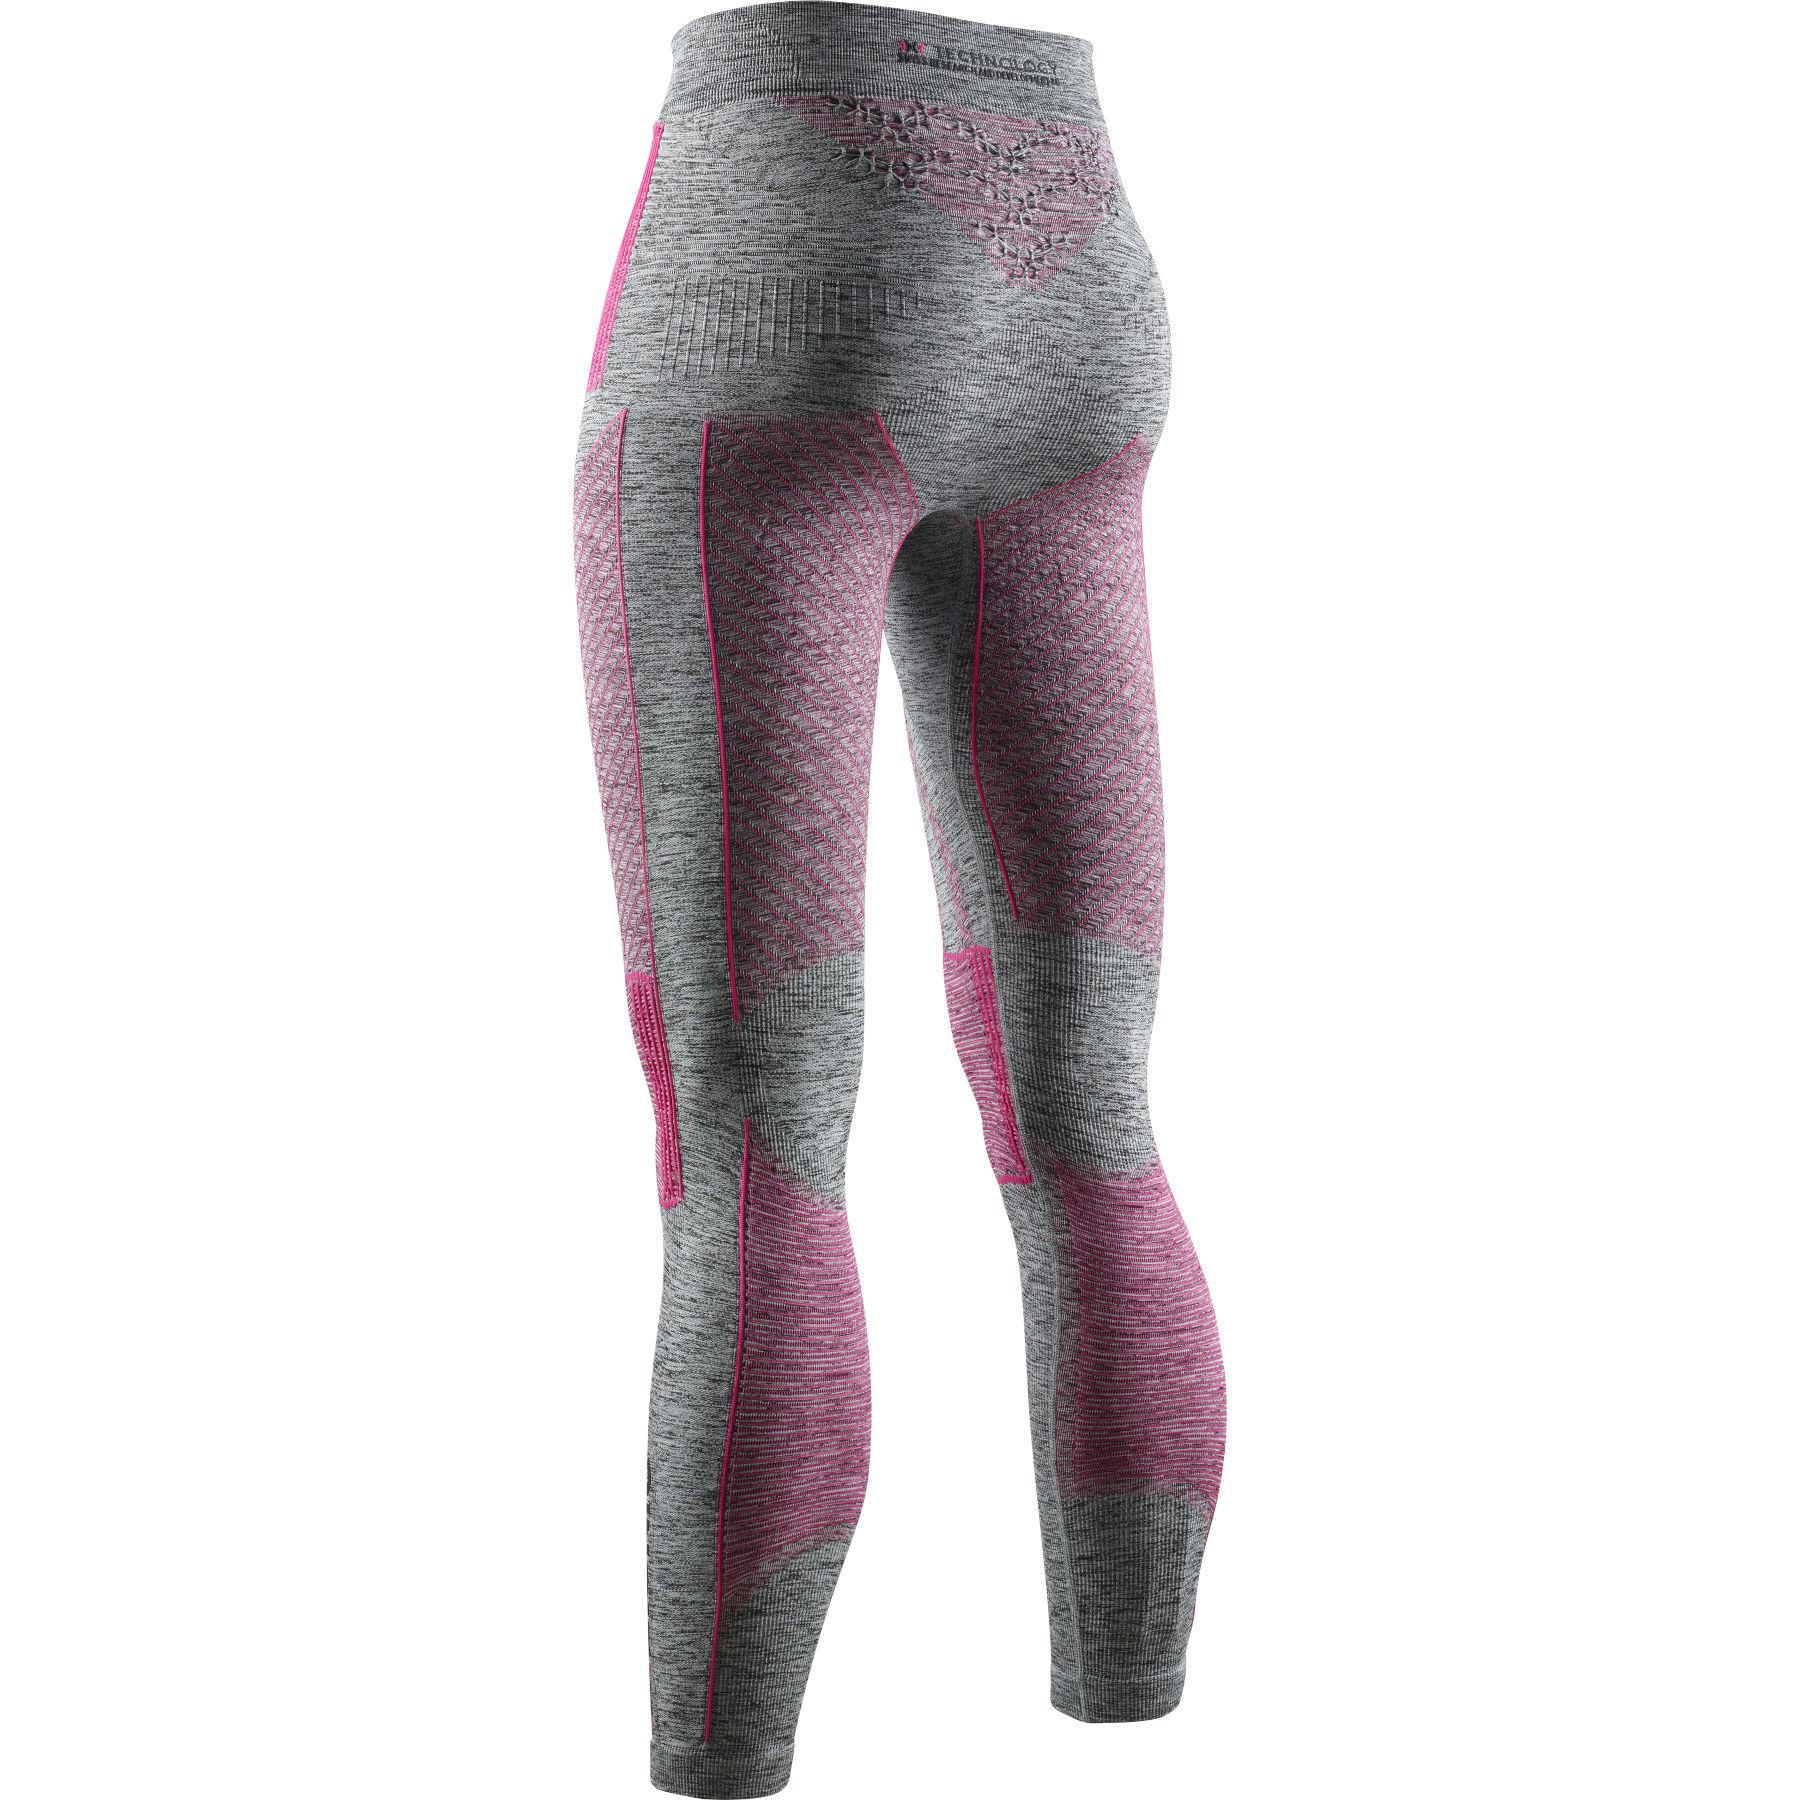 Bild von X-Bionic Energy Accumulator 4.0 Melange Unterhose für Damen - grey melange/pink